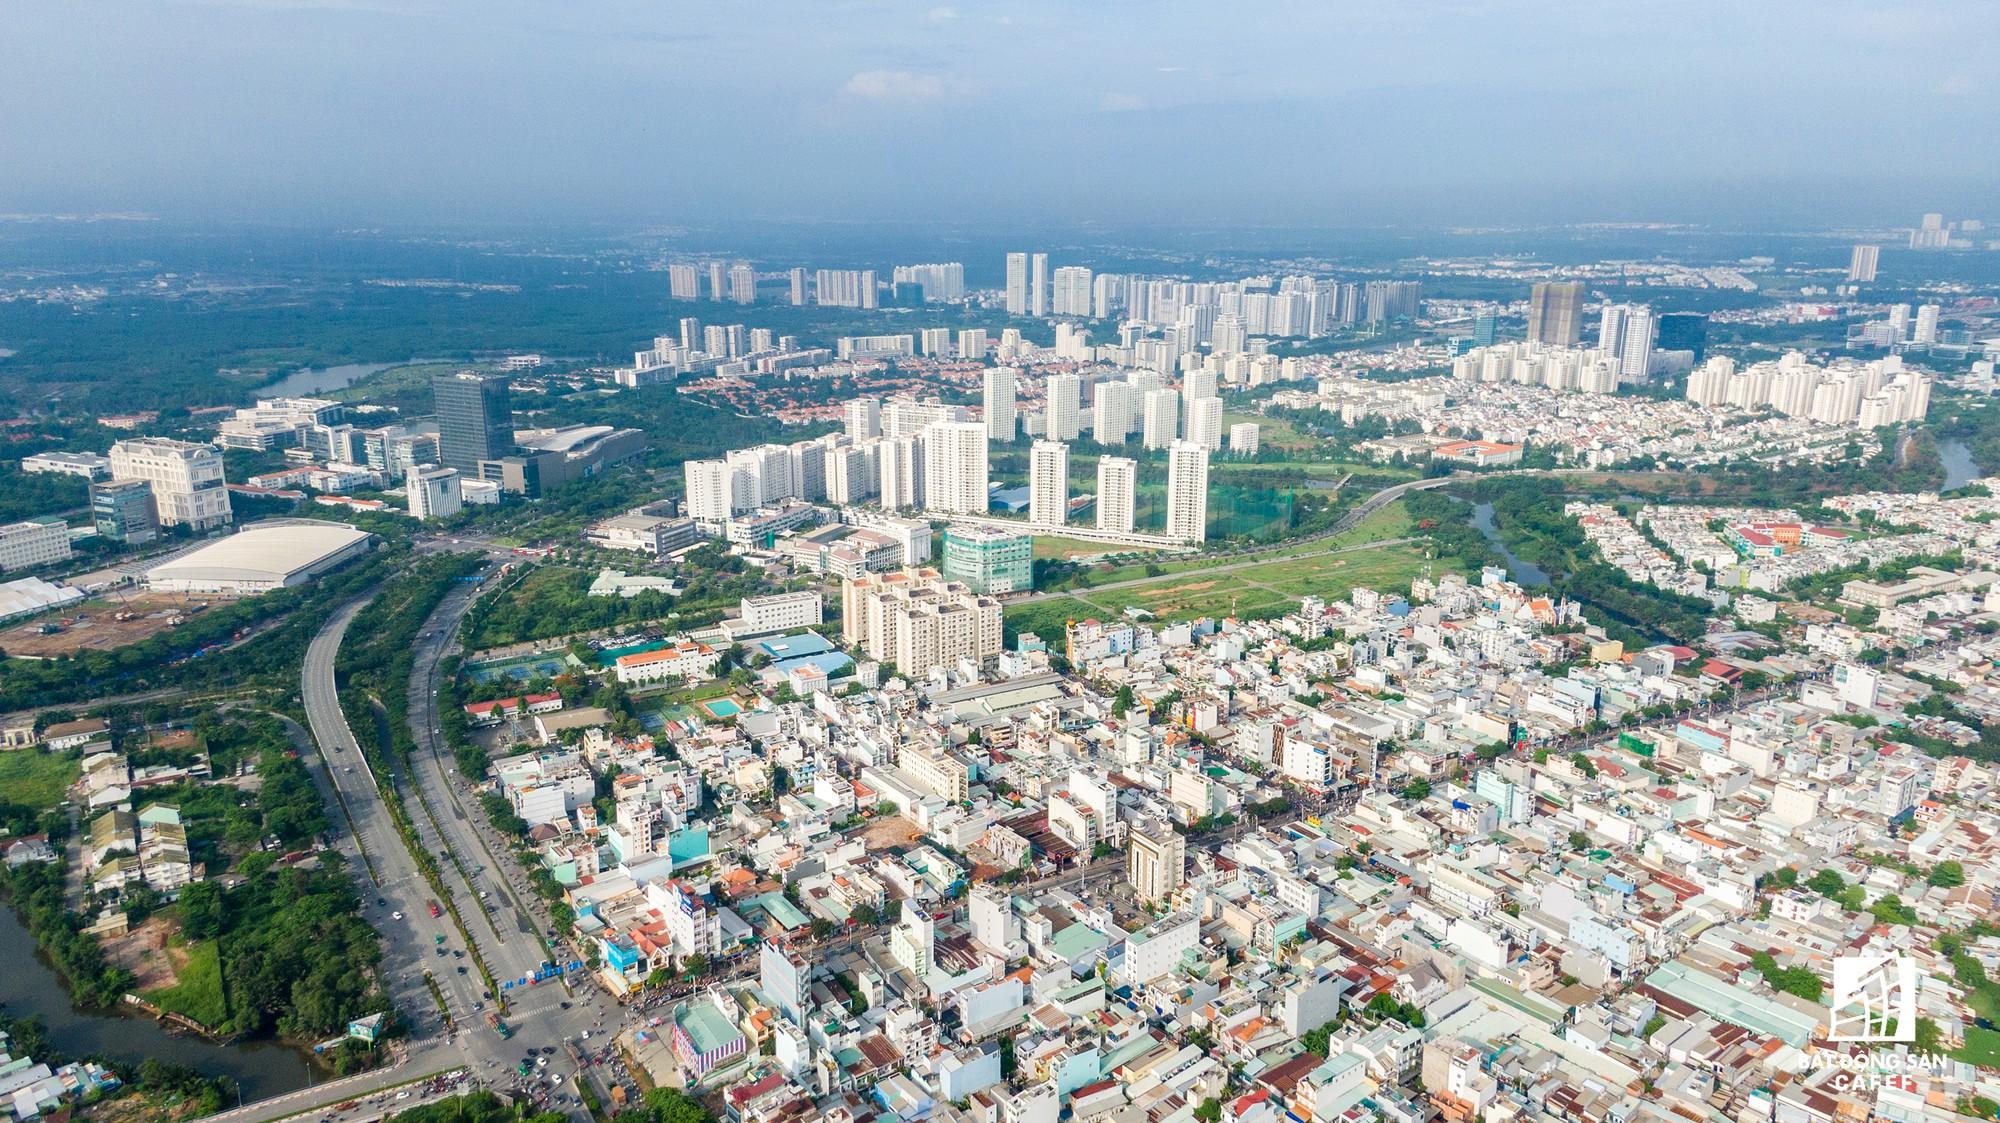 Toàn cảnh đại lộ tỷ đô đã tạo nên một thị trường bất động sản rất riêng cho khu Nam Sài Gòn - Ảnh 17.